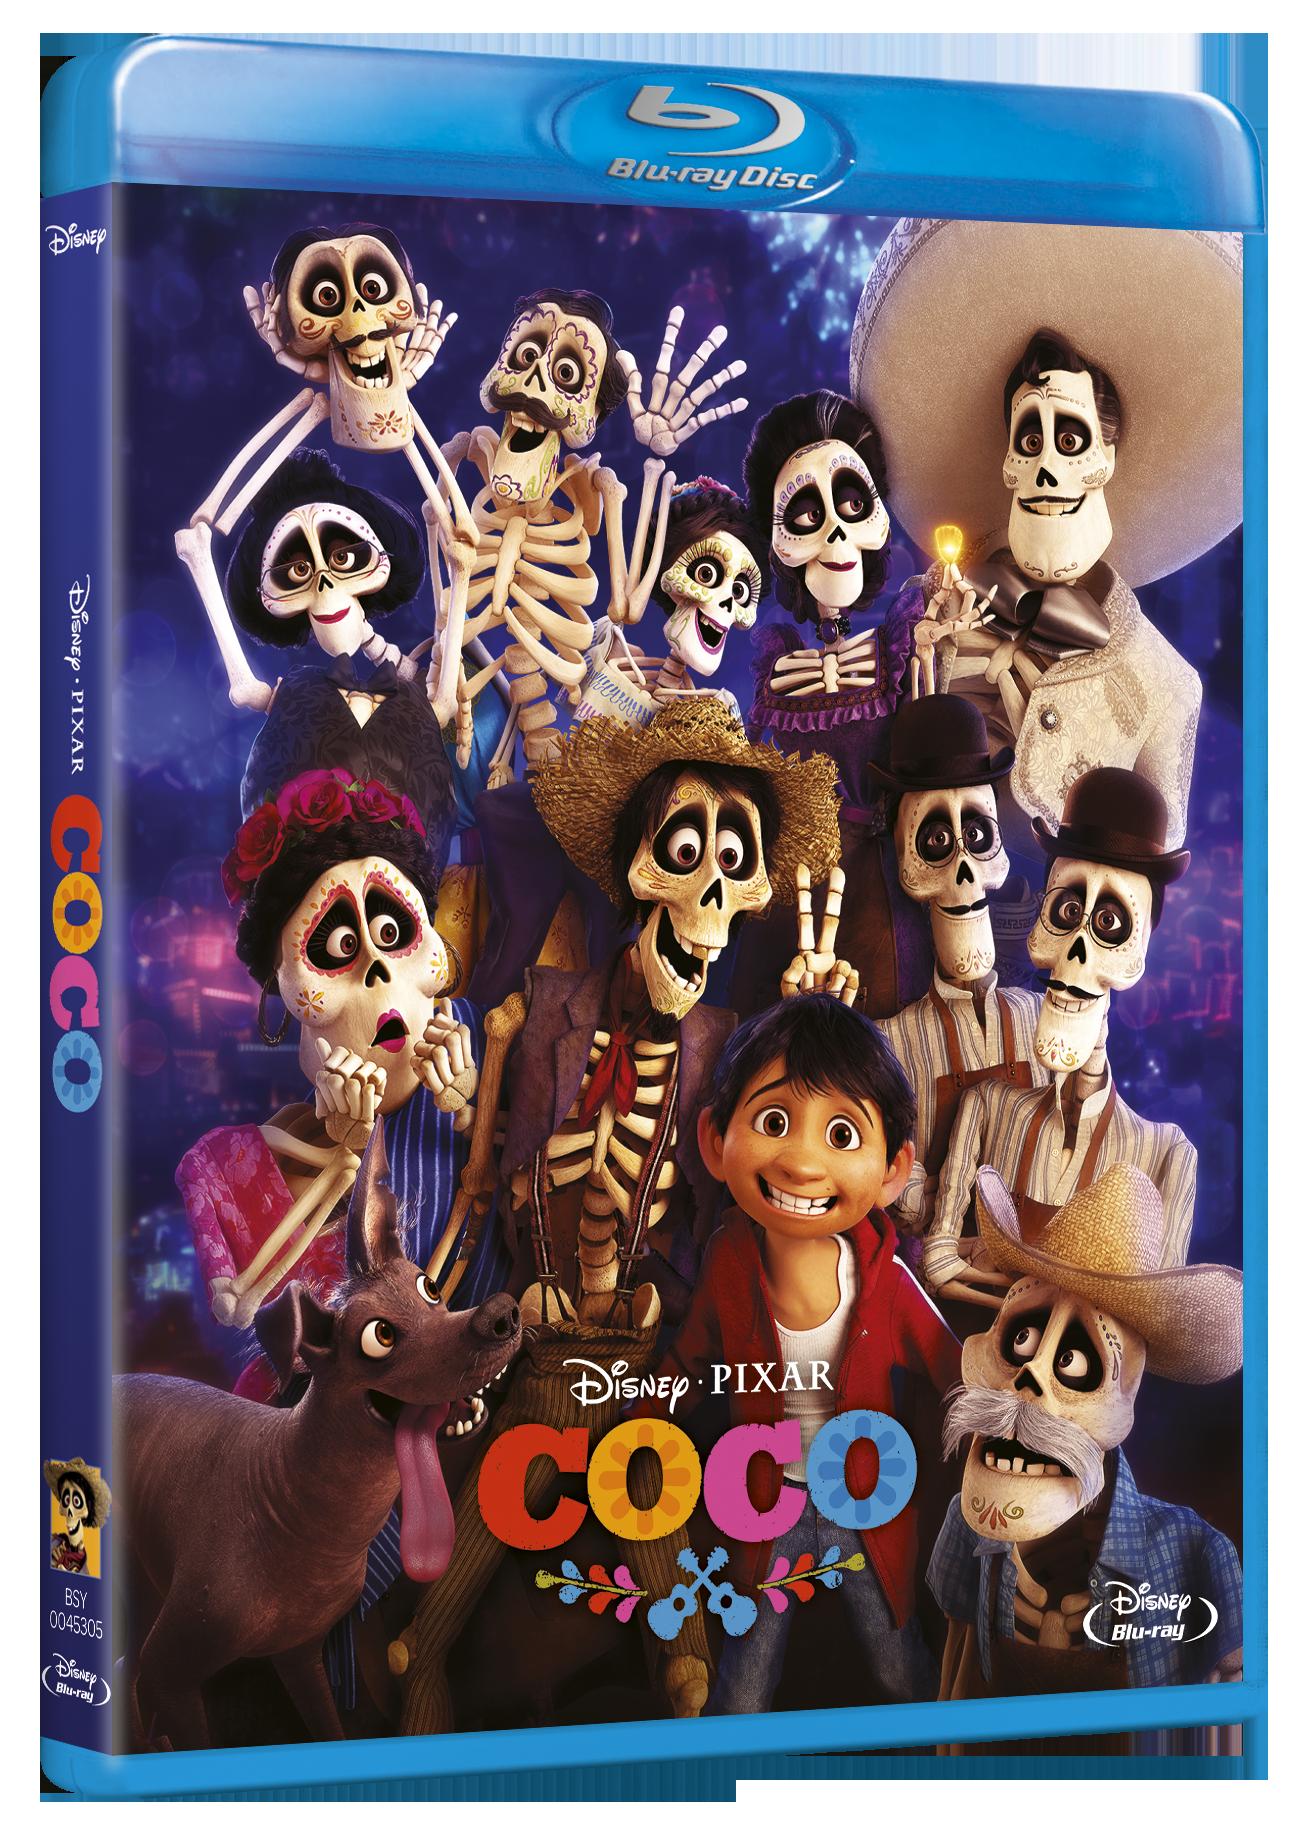 'Coco' llega en Steel, 3D, Blu-ray y Dvd el 4 de abril • En tu pantalla